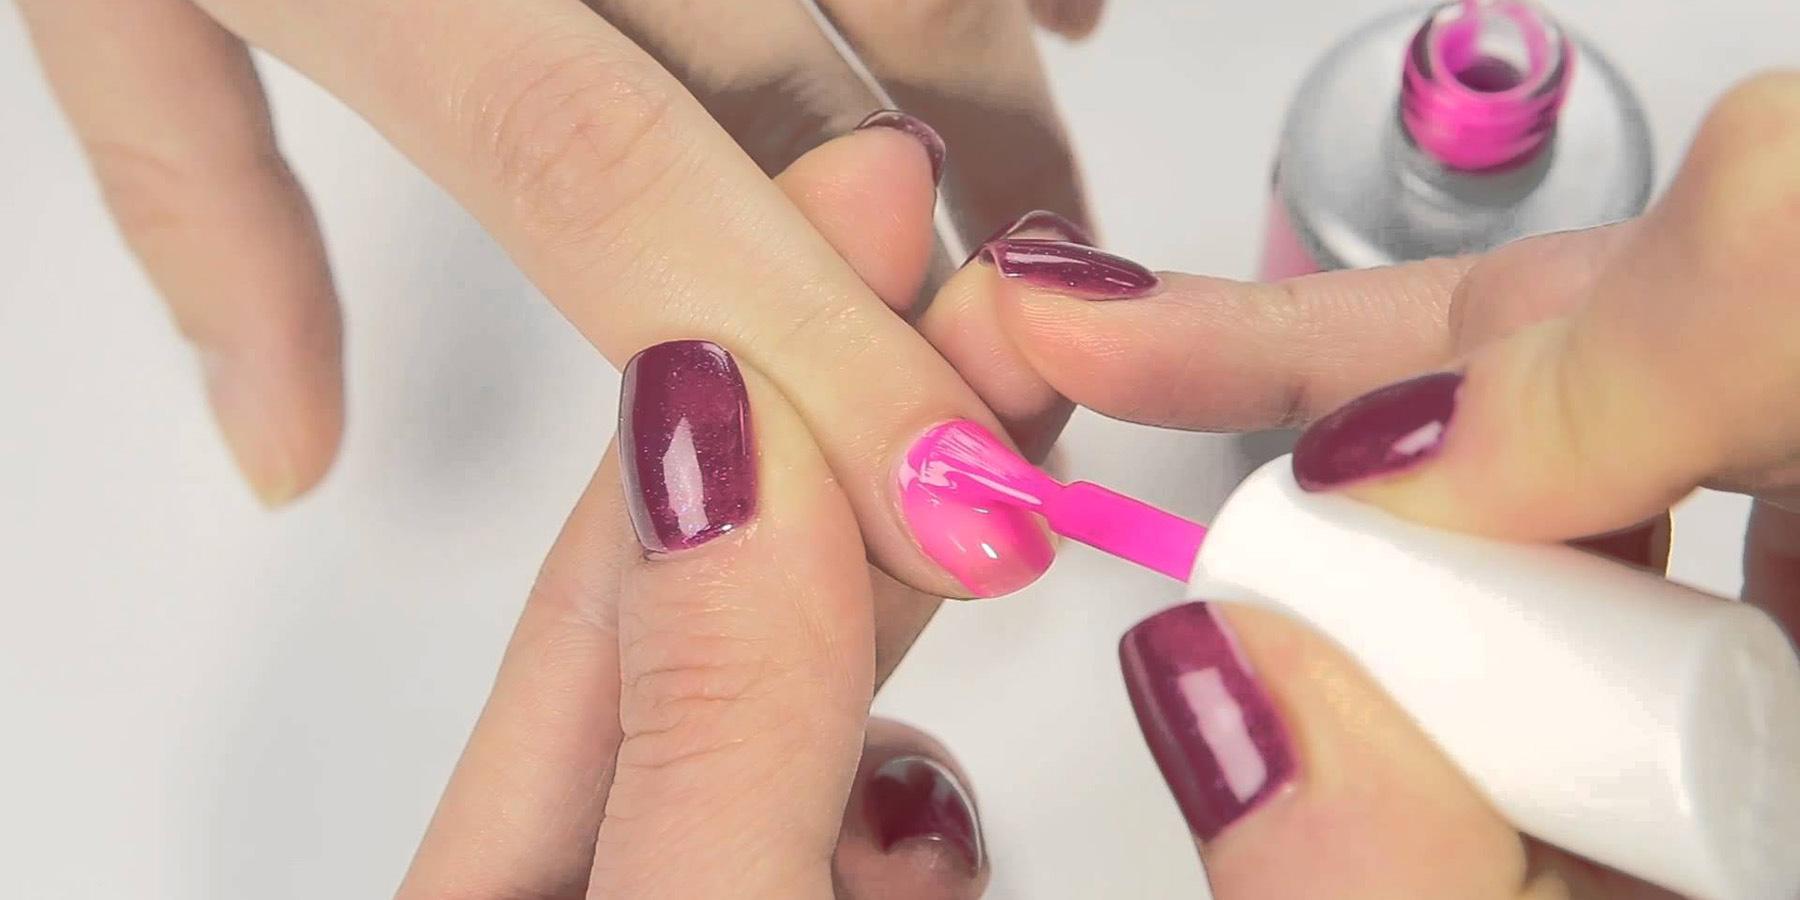 Маникюр: в чем отличие покрытия ногтей гелем от наращивания?